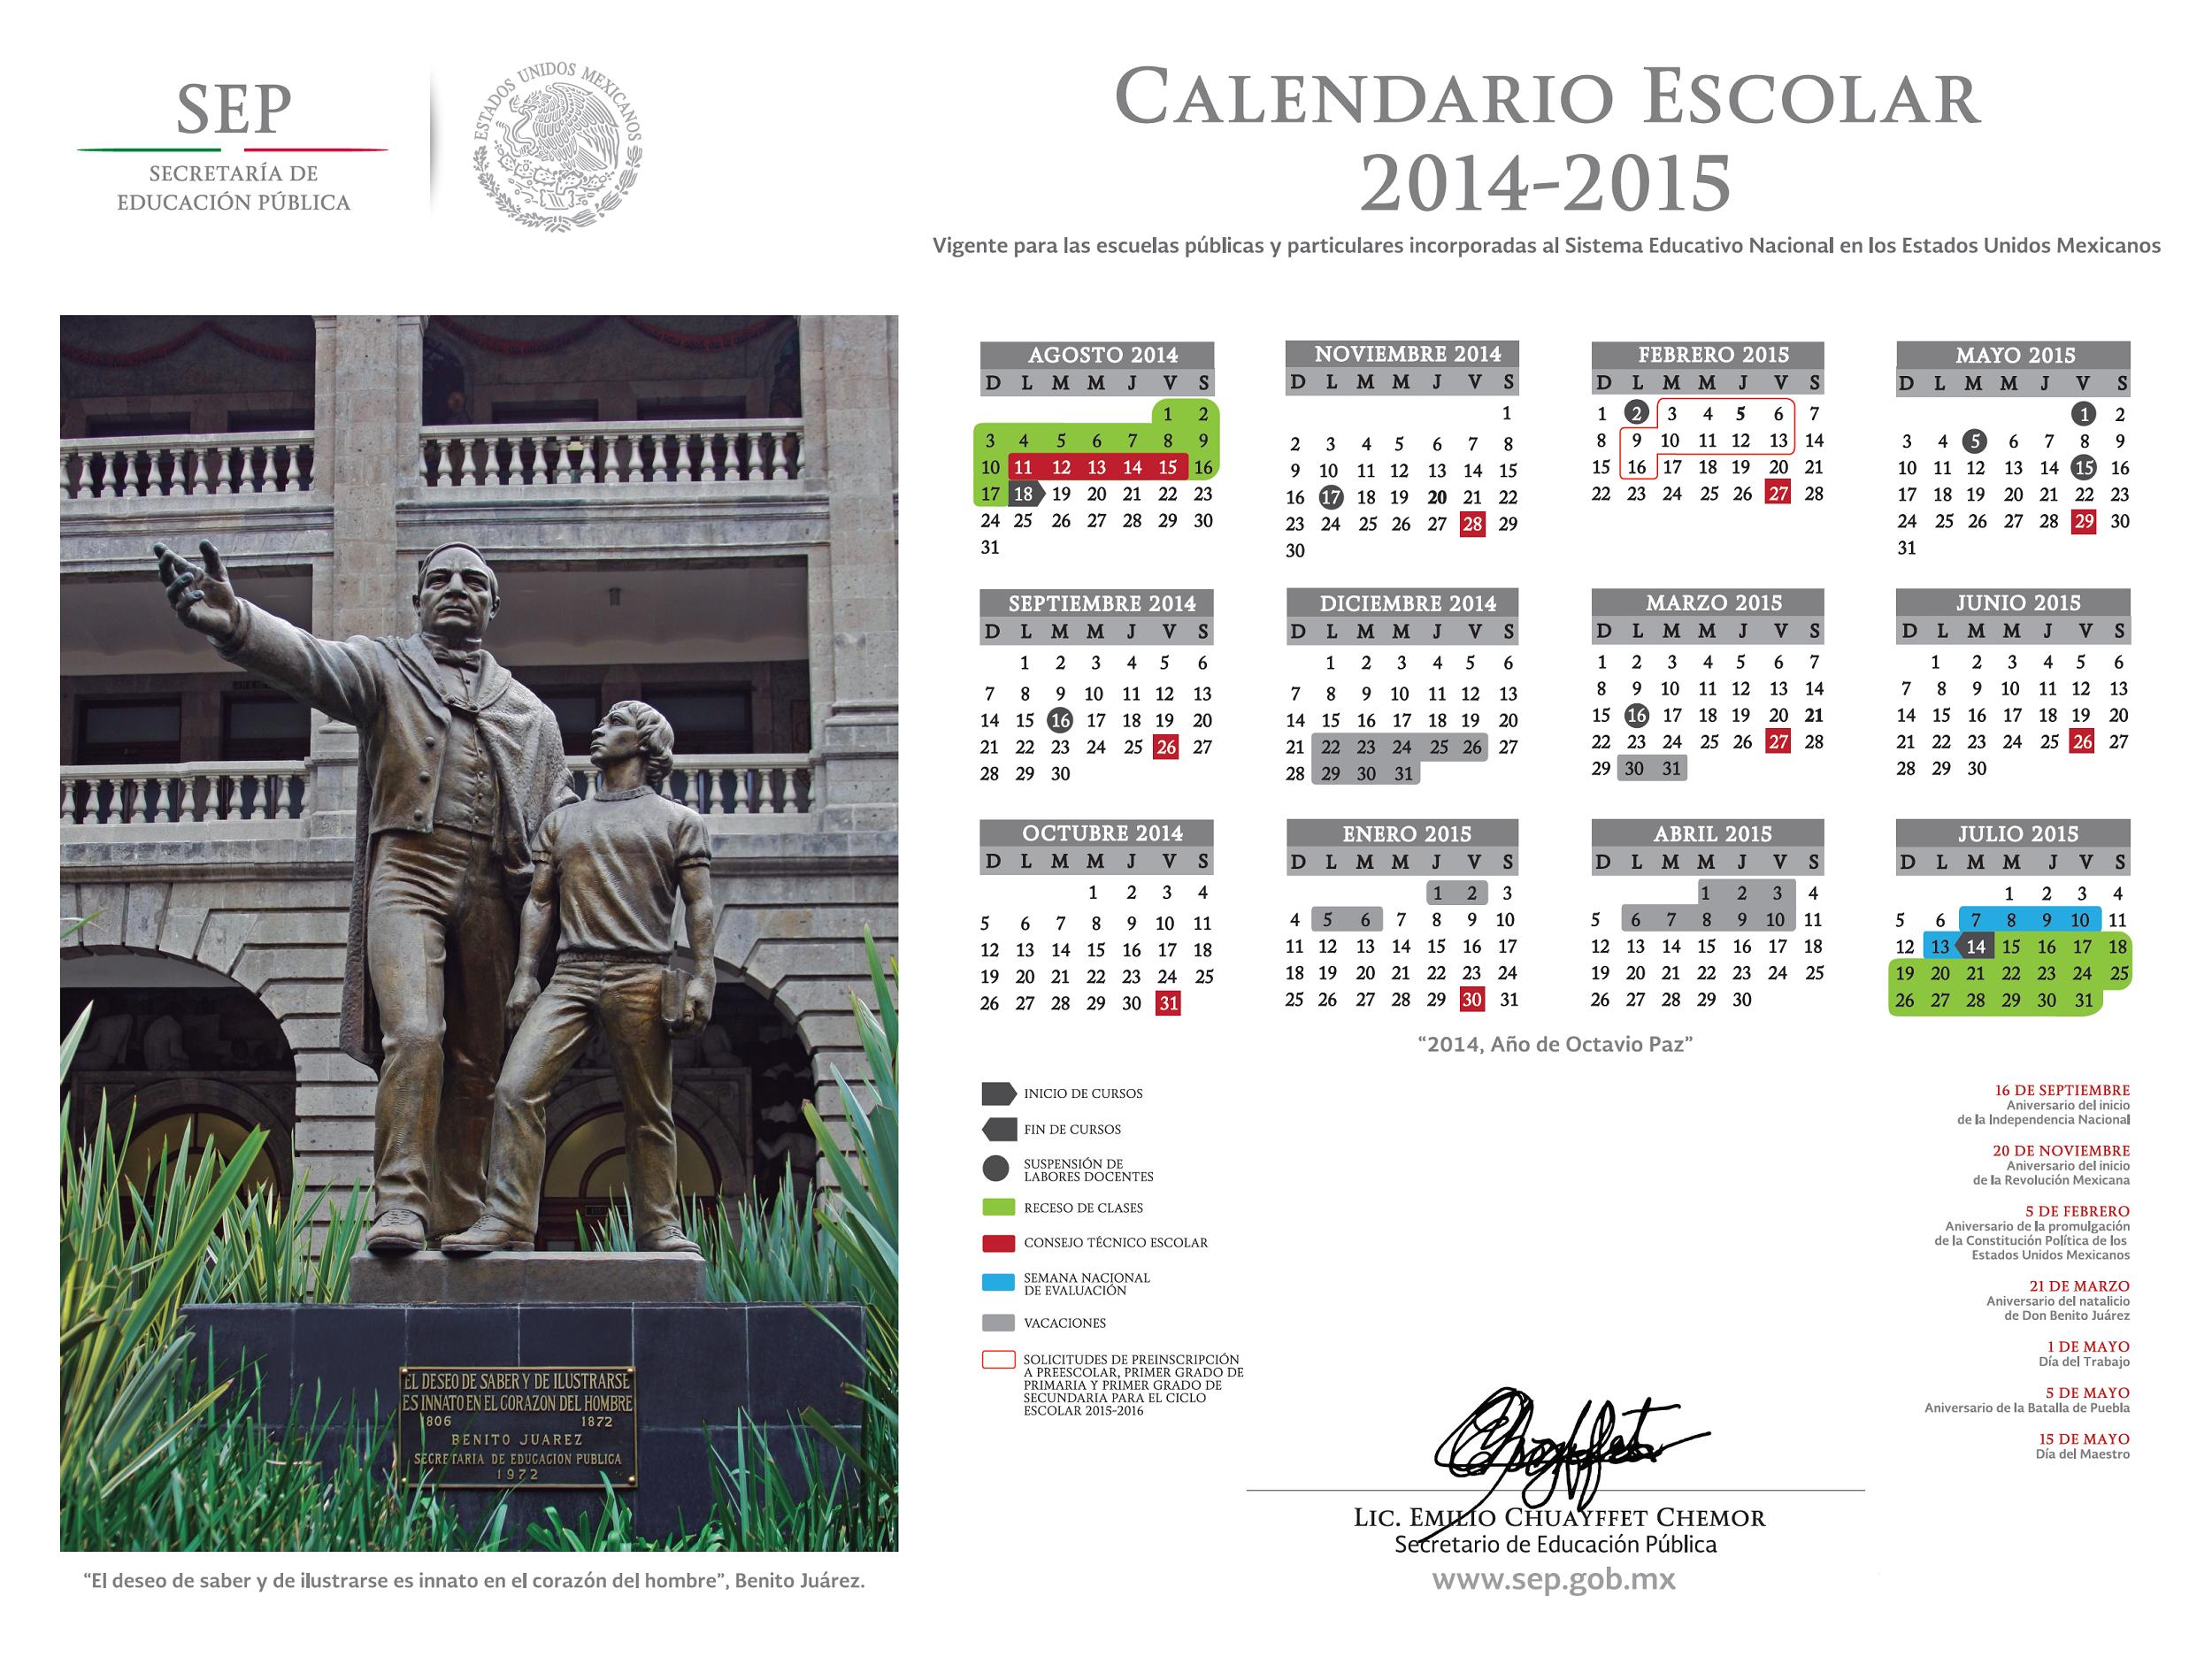 calendario ciclo escolar 2014-2015